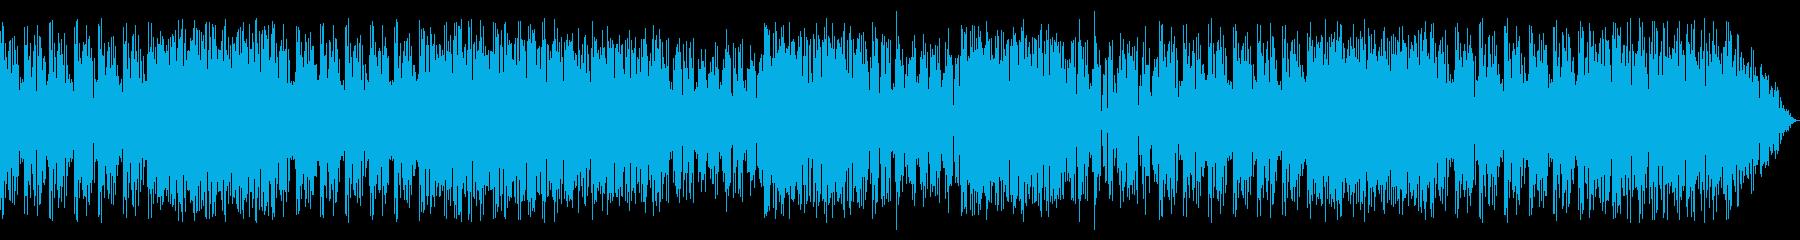 格好いいアイテム ファンキーなデジロックの再生済みの波形